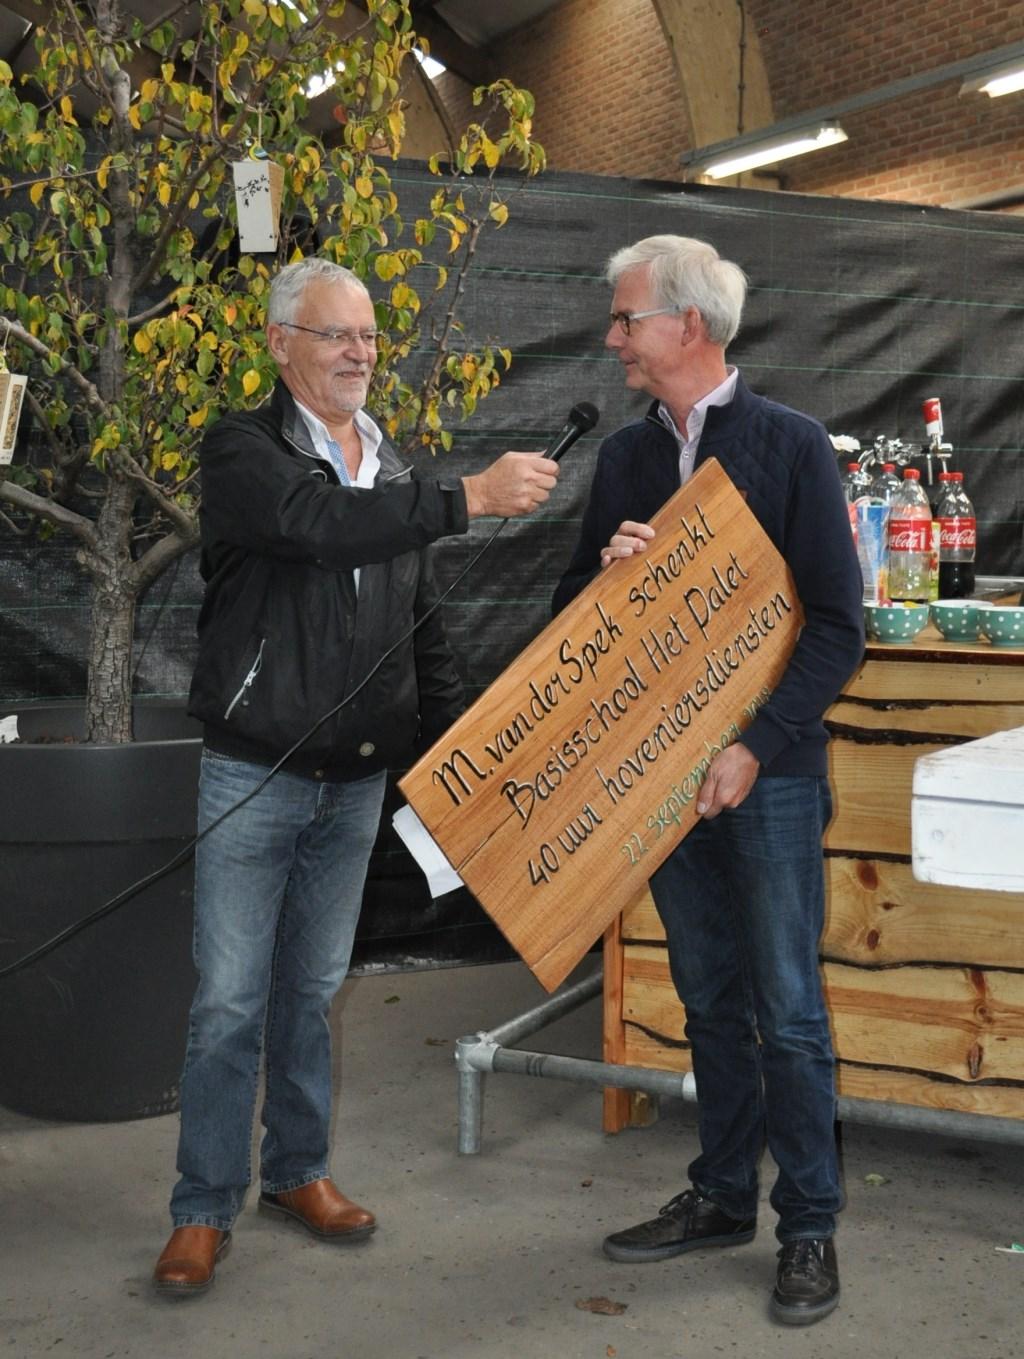 Rien van der Spek, directeur van M. van der Spek (l.) reikt Hans Koevoets, directeur van Het Palet, de prijs uit voor 40 uur hovenierswerkzaamheden. Foto: pr  © Postiljon